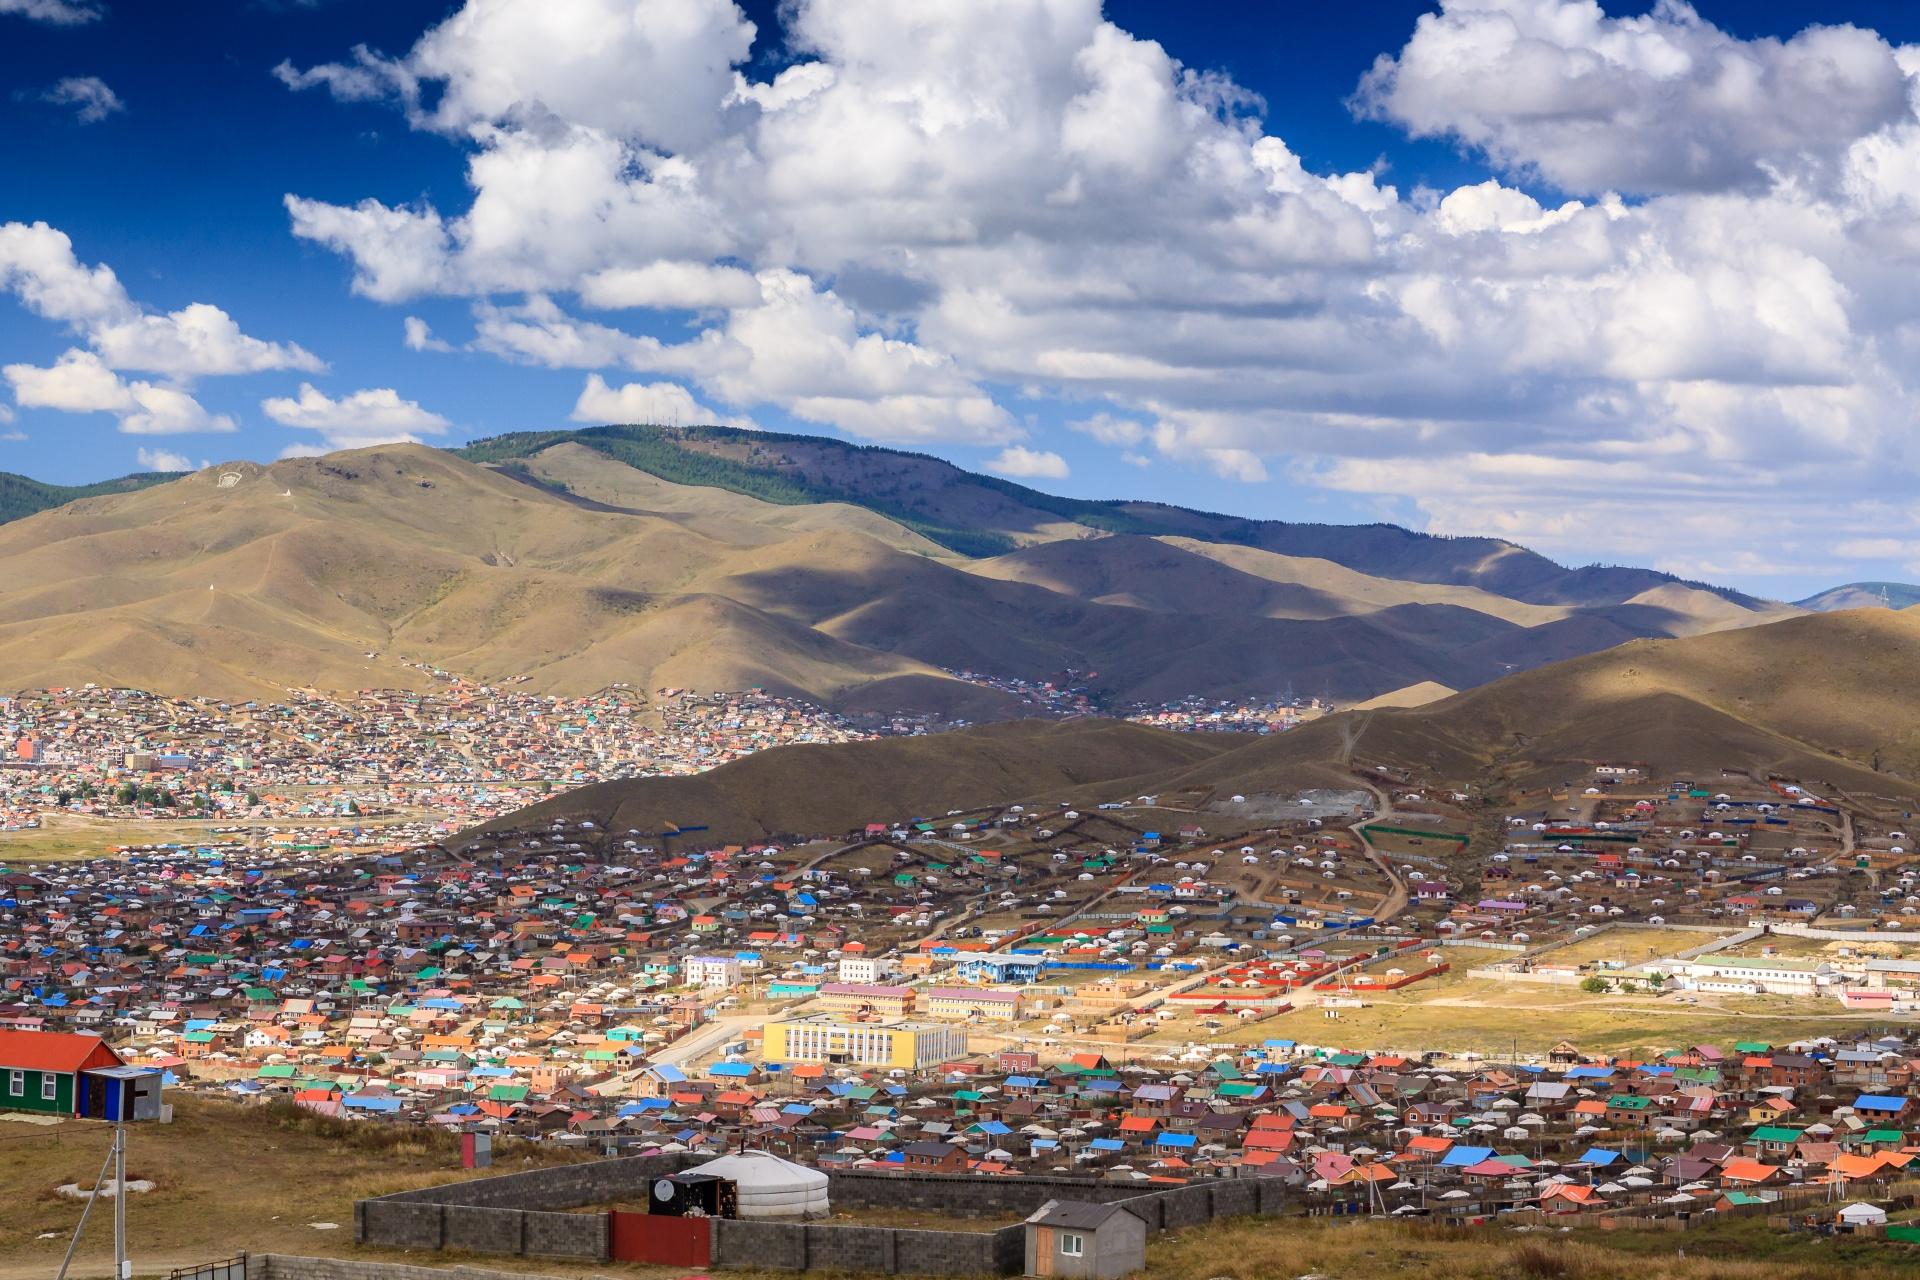 ウランバートルの風景 モンゴルの風景